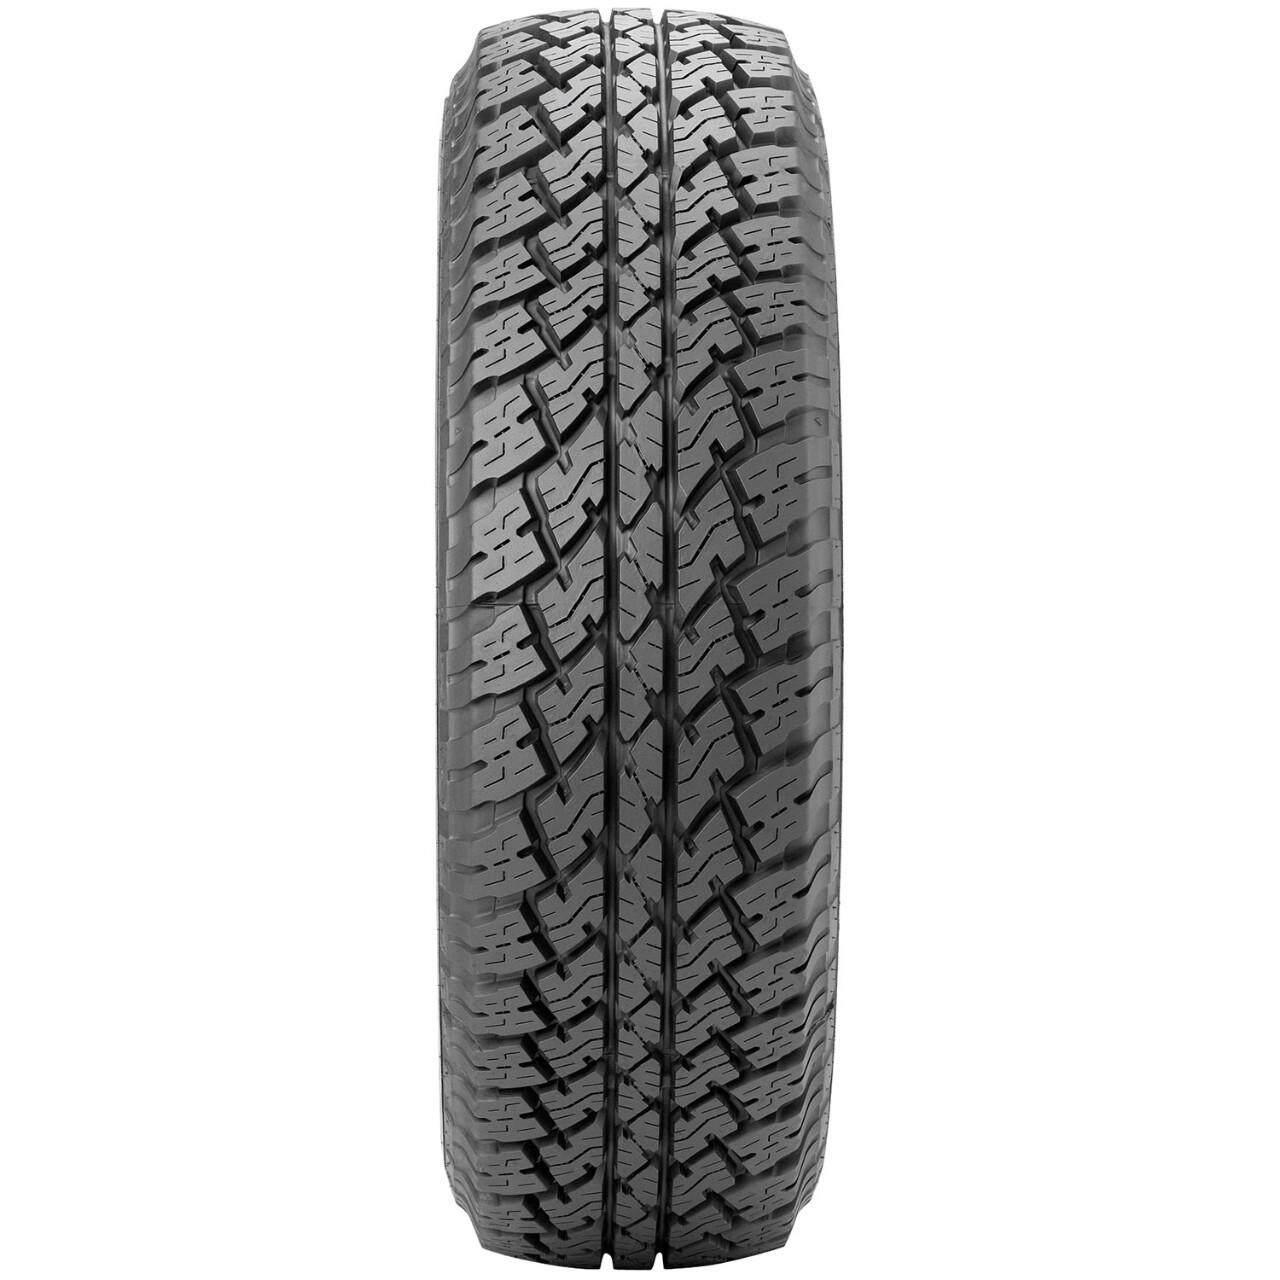 ประกันภัย รถยนต์ 2+ สระบุรี Bridgestone ยางรถยนต์ 265/65R17 รุ่น DUELER A/T 693III จำนวน 4 เส้น (ยางปี2019)